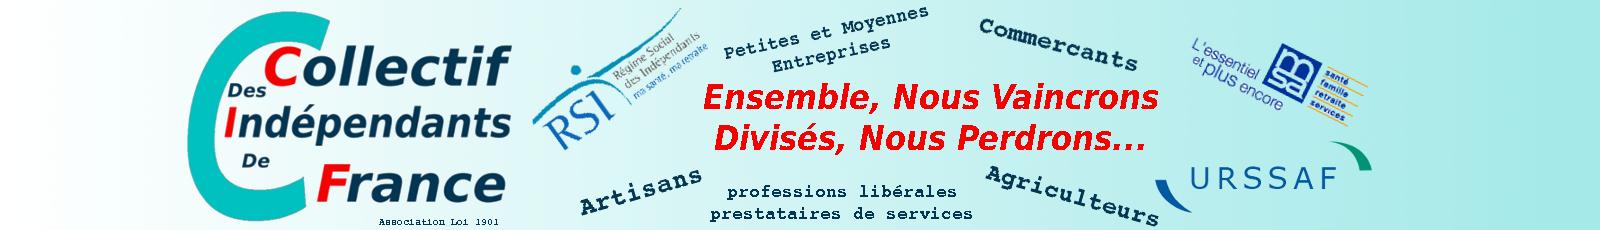 adhésion ou cotisation de soutien (don) 2016 - Collectif des Indépendants de France